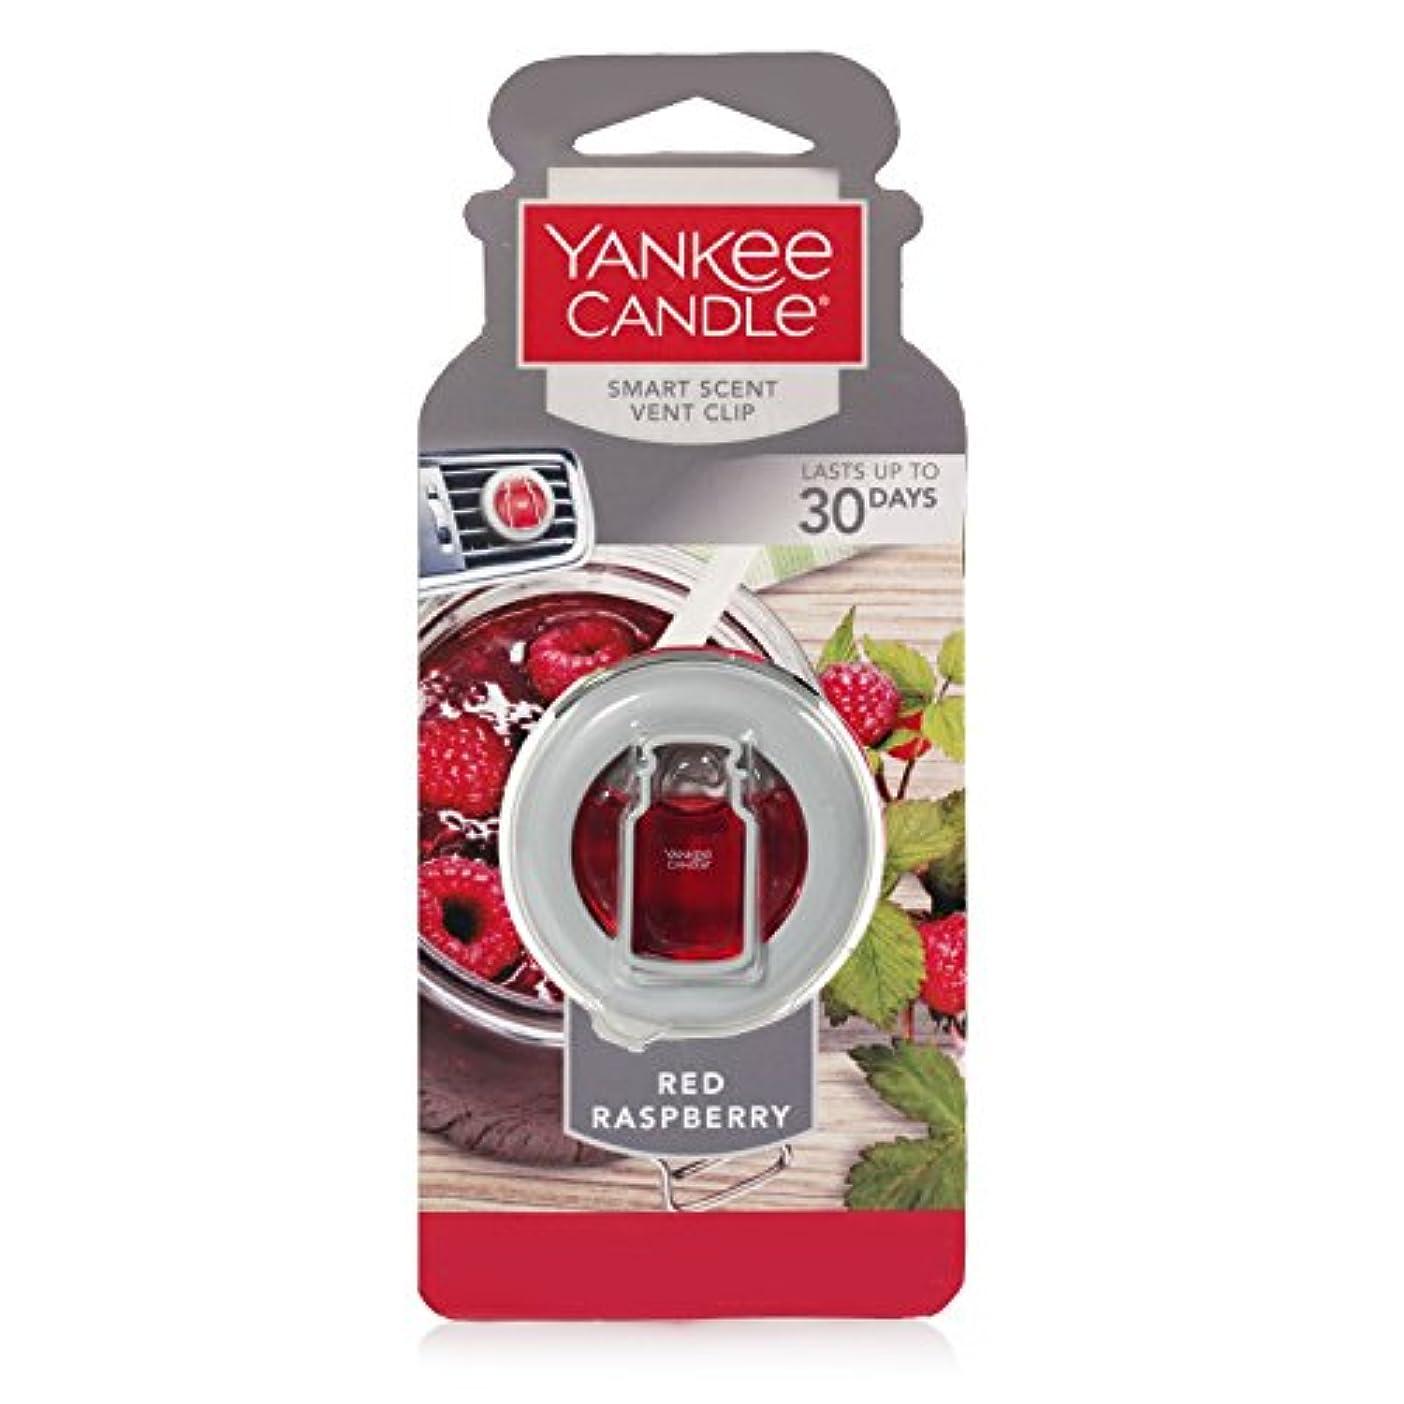 蒸留するメアリアンジョーンズ傭兵Yankee Candleレッドラズベリーティーライトキャンドル、フルーツ香り Smart Scent Car Vent Clip Air Freshener レッド 1333960